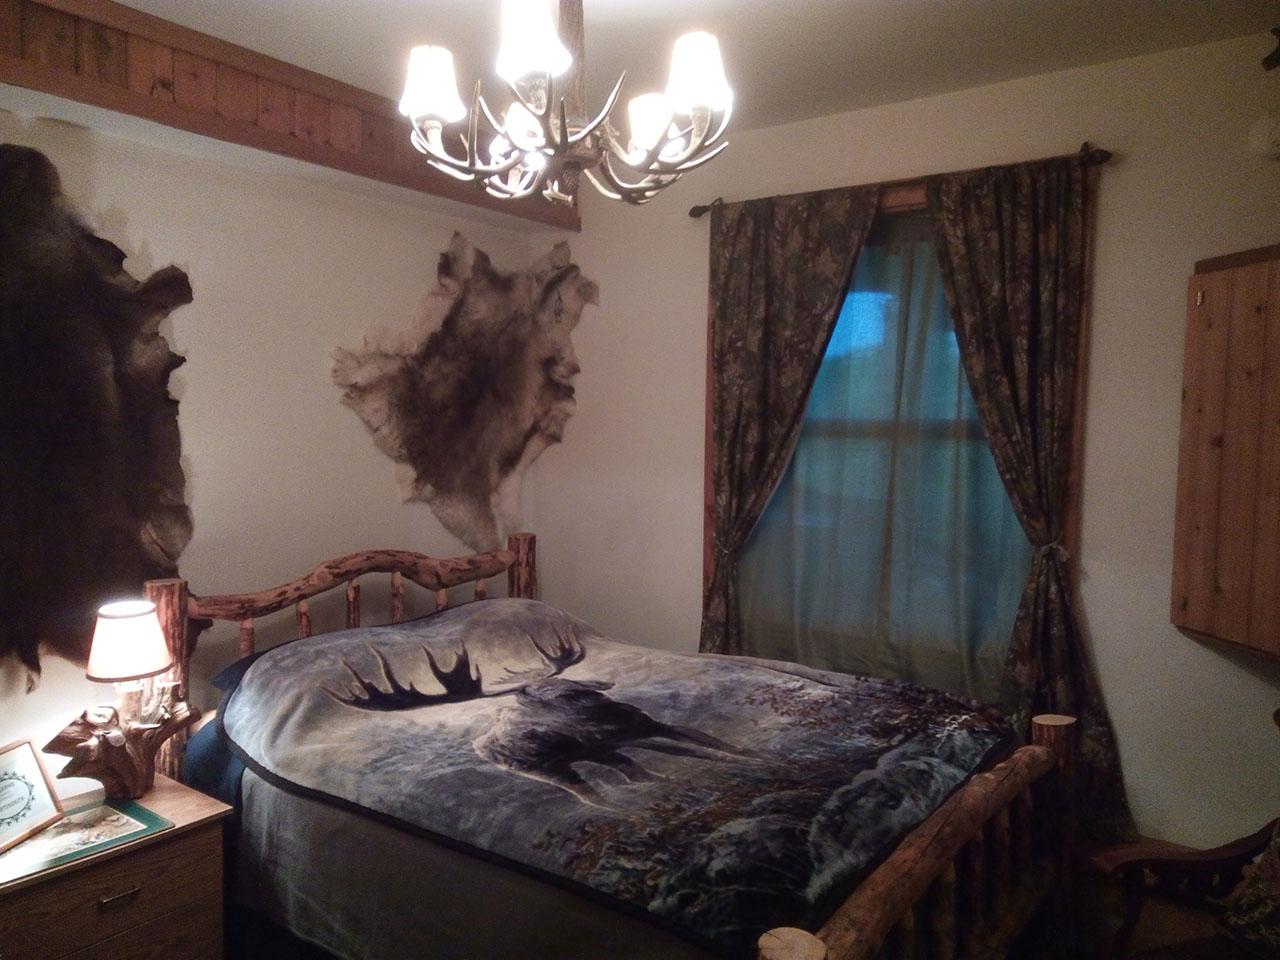 Hunter's Cove Room - bed, chandelier, window.